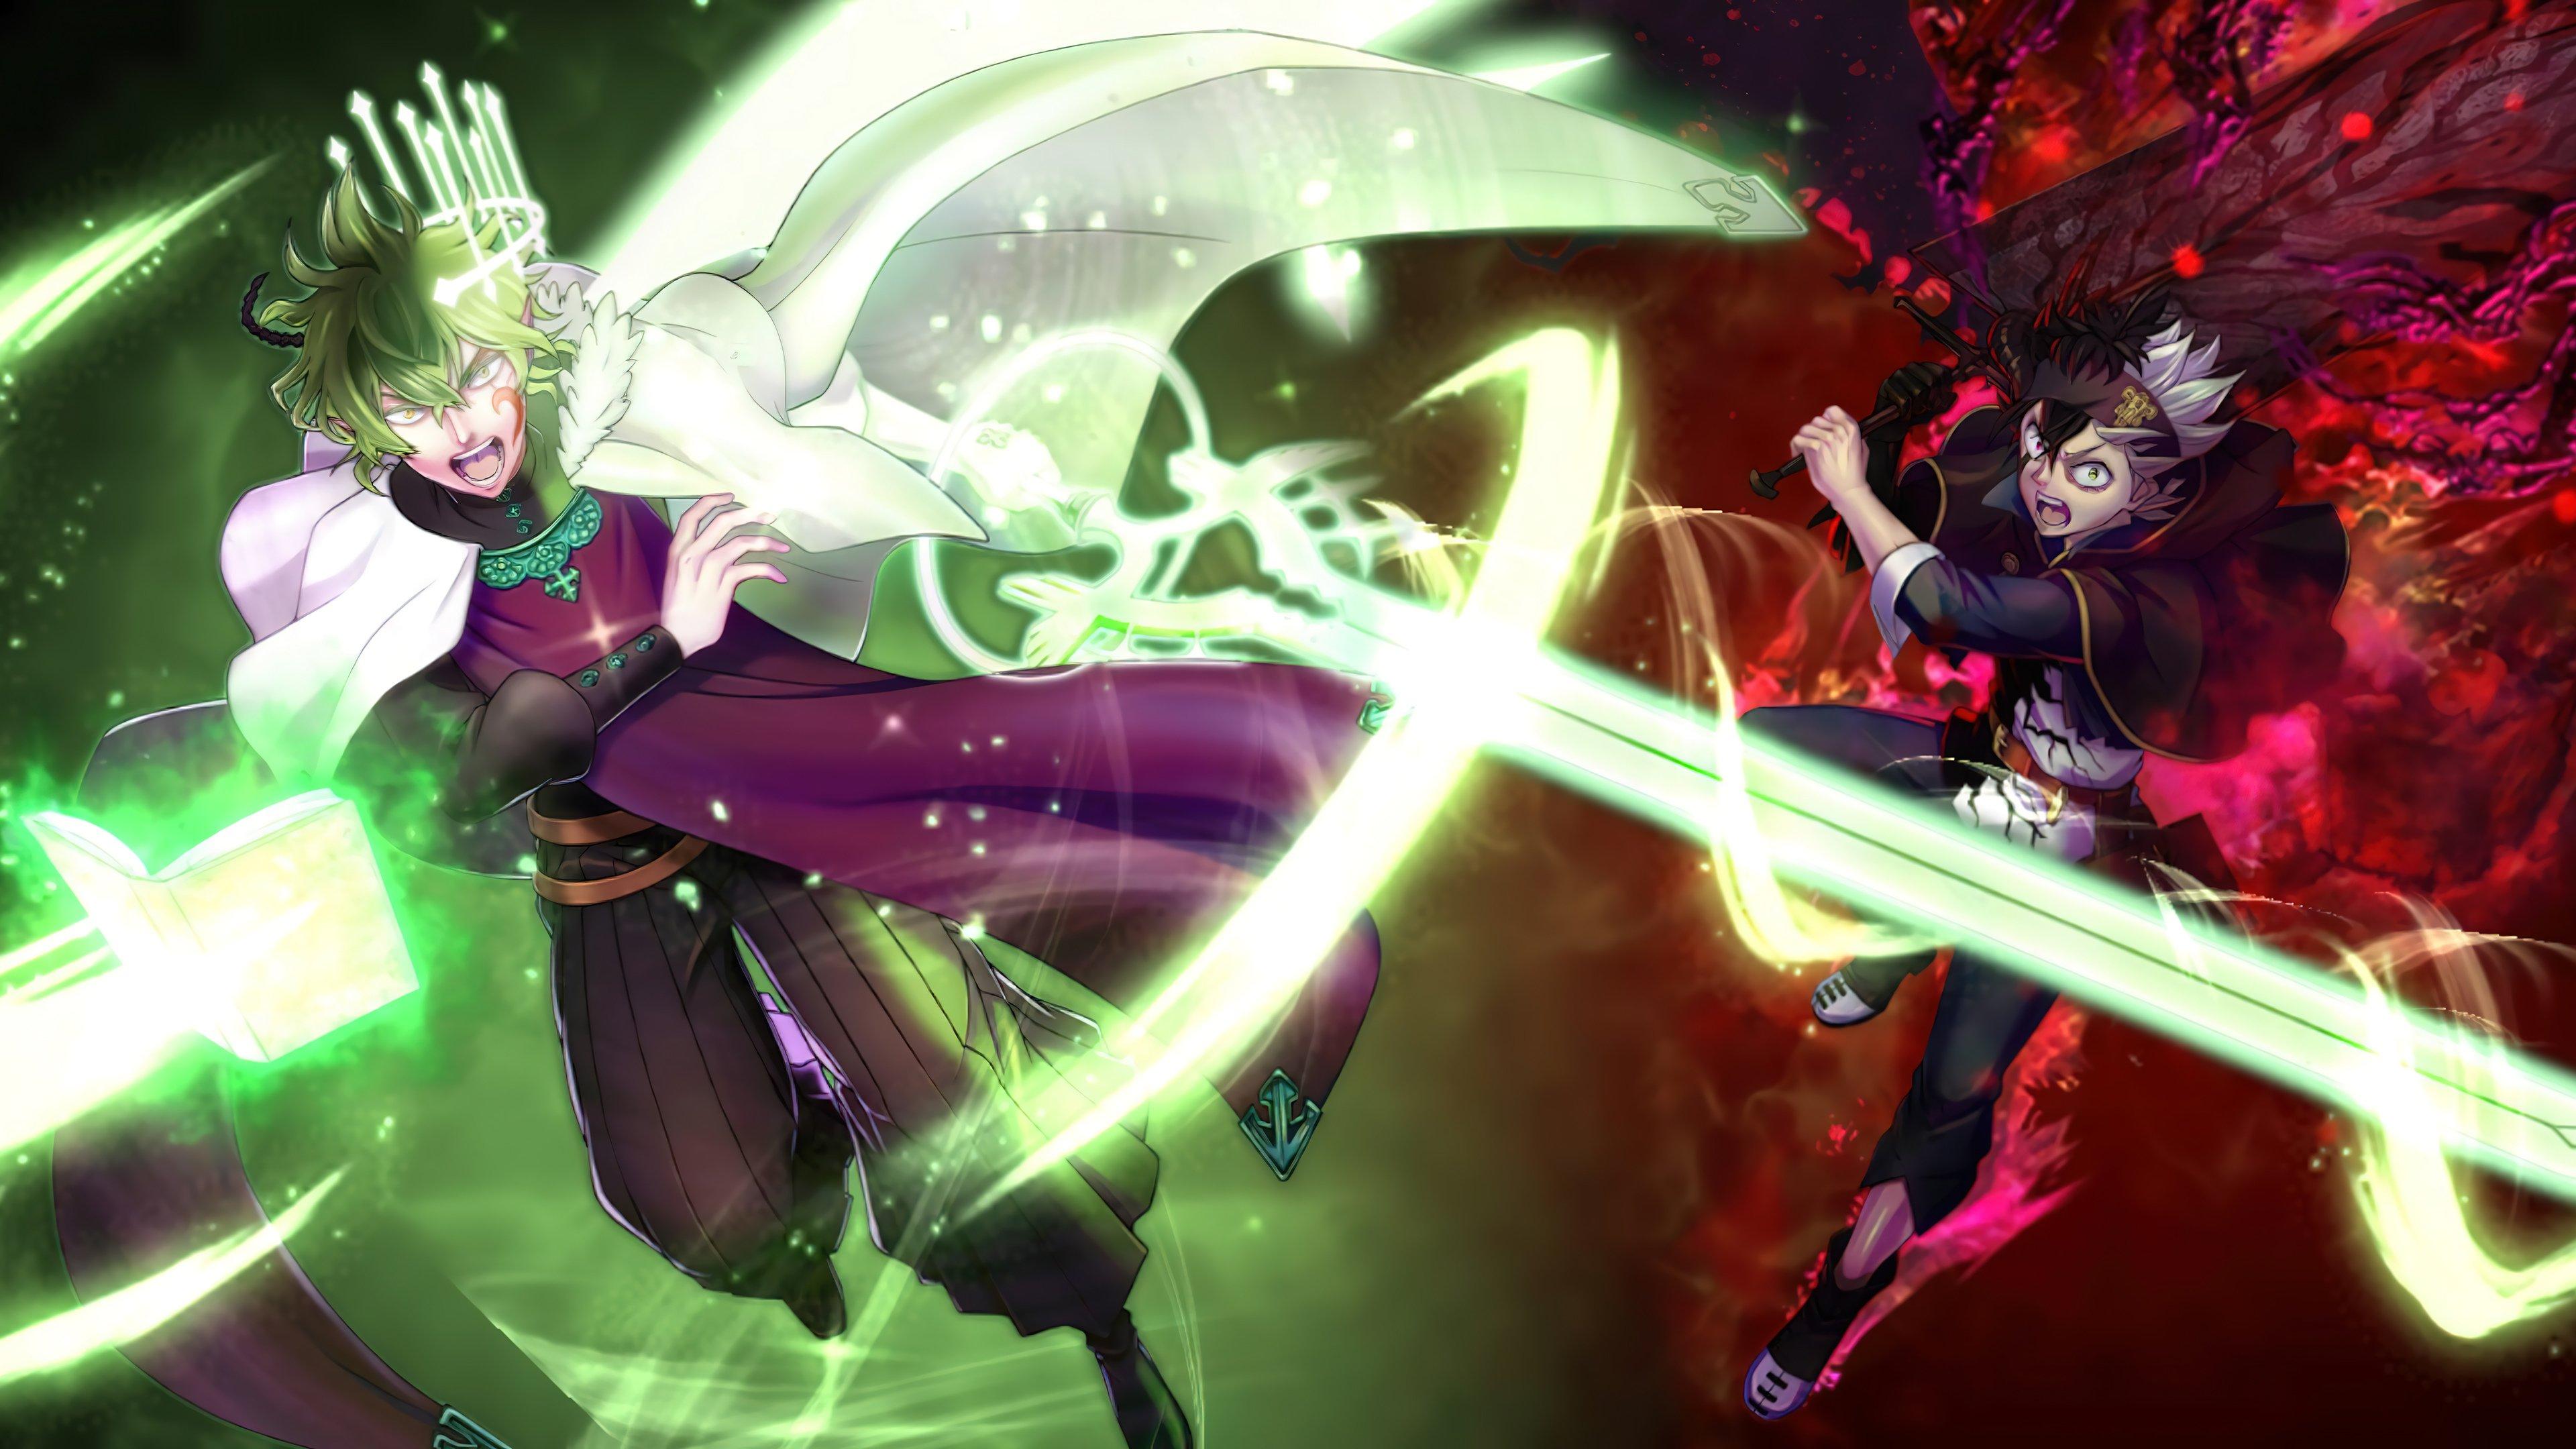 Fondos de pantalla Anime Yuno Asta Black Clover